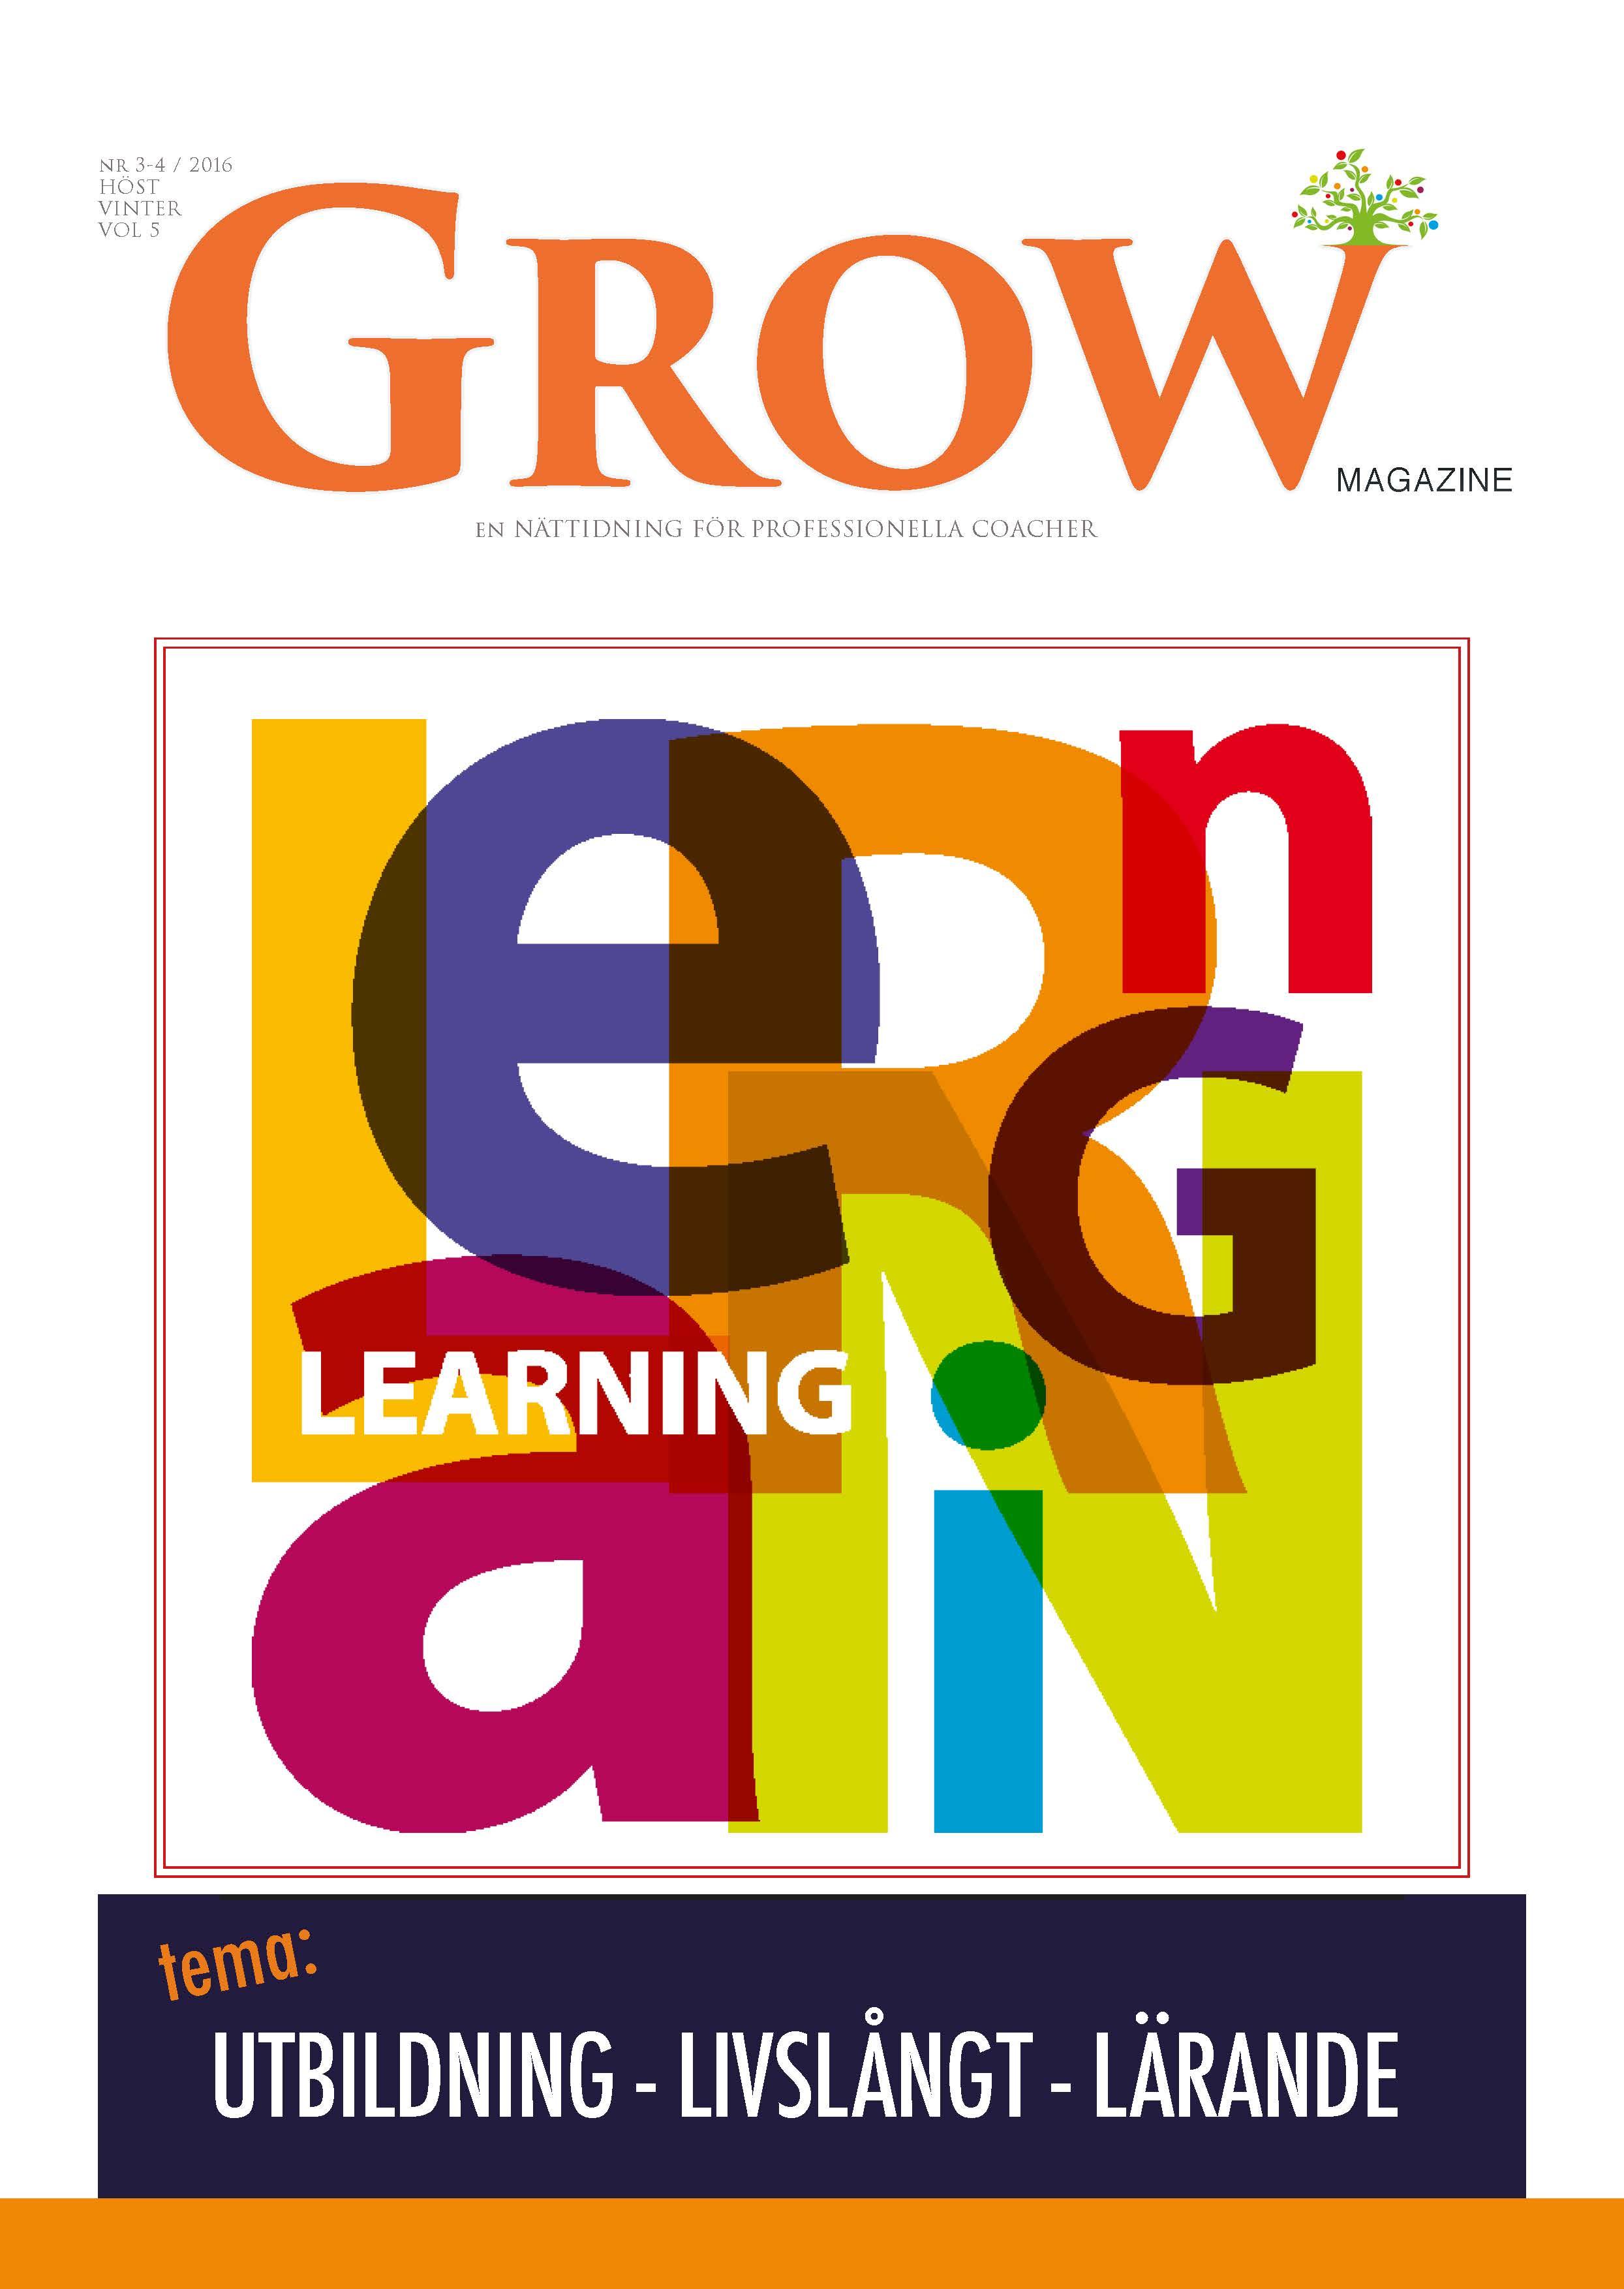 GROW magazine vol 5 Tema: Utbildning & Livslångt Lärande